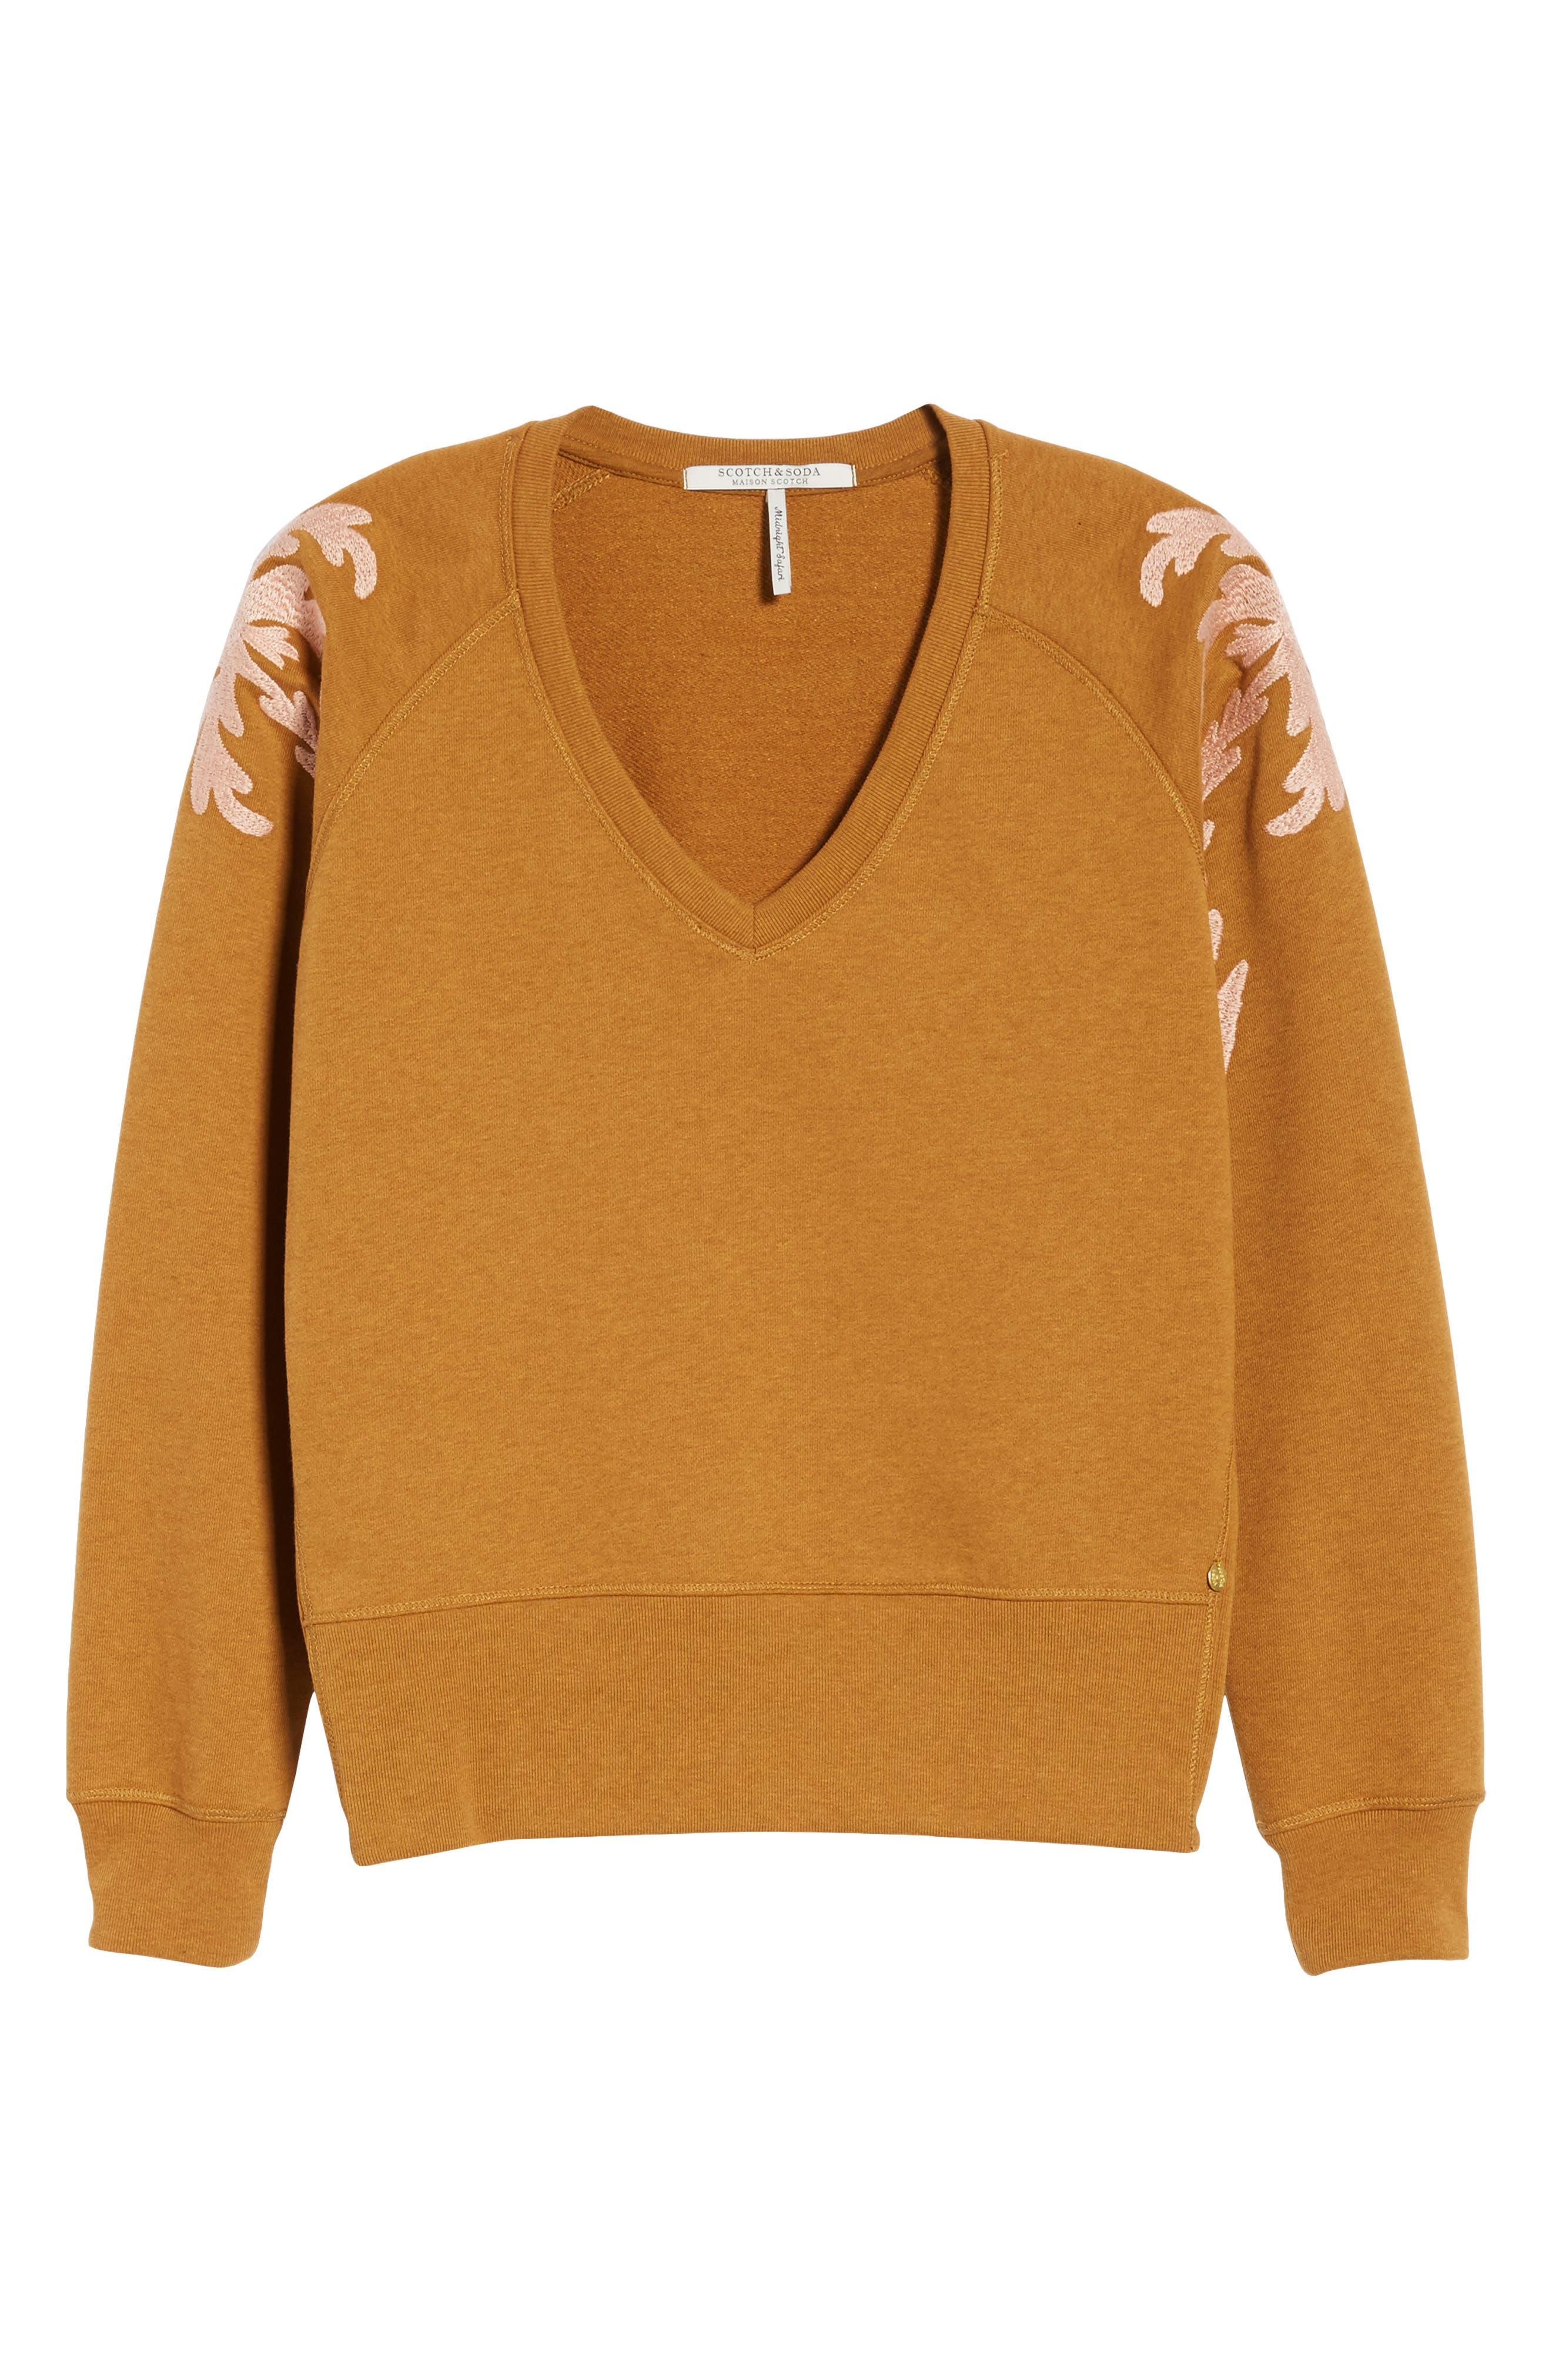 Embroidered V-Neck Sweater,                             Alternate thumbnail 7, color,                             Color 2009 Hazel